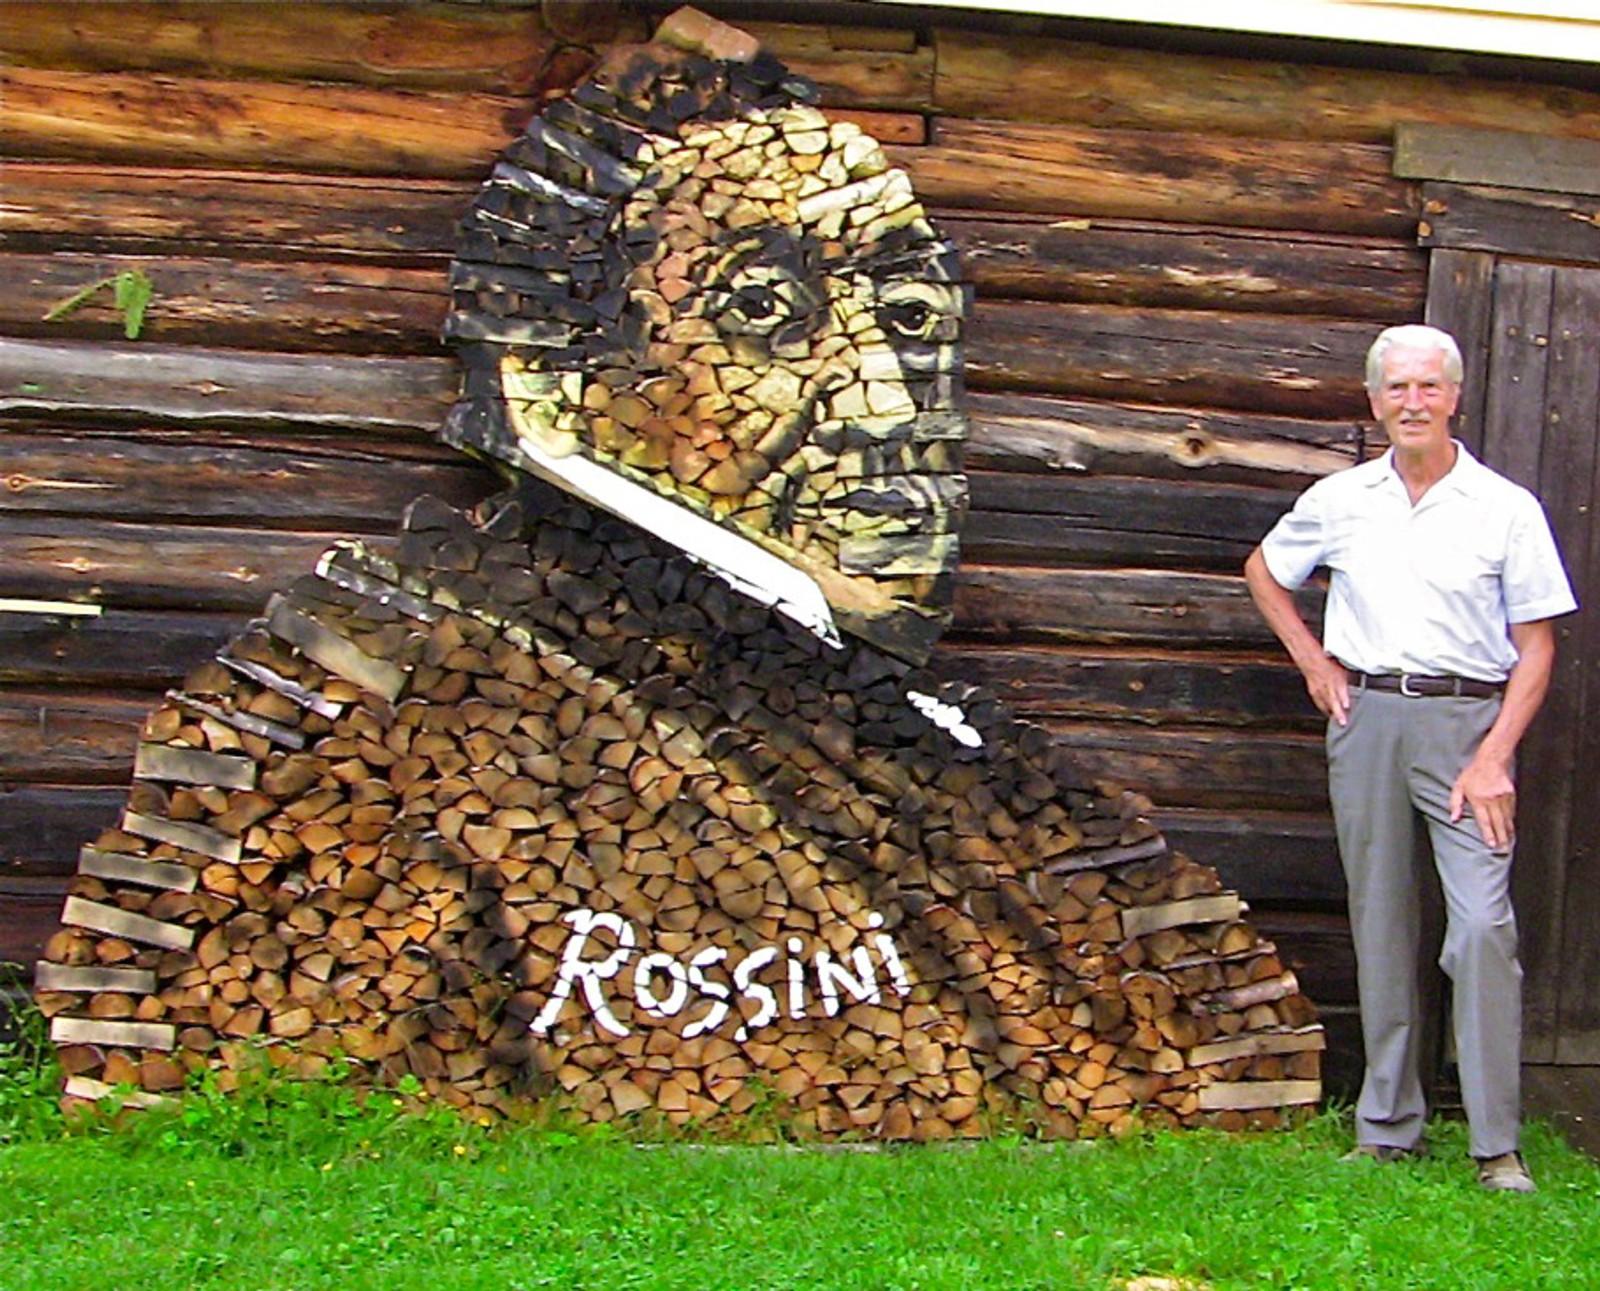 2011: Det første vedmaleriet til Ole Kristian Kjelling var av den italienske komponist Gioacchino Rossini.